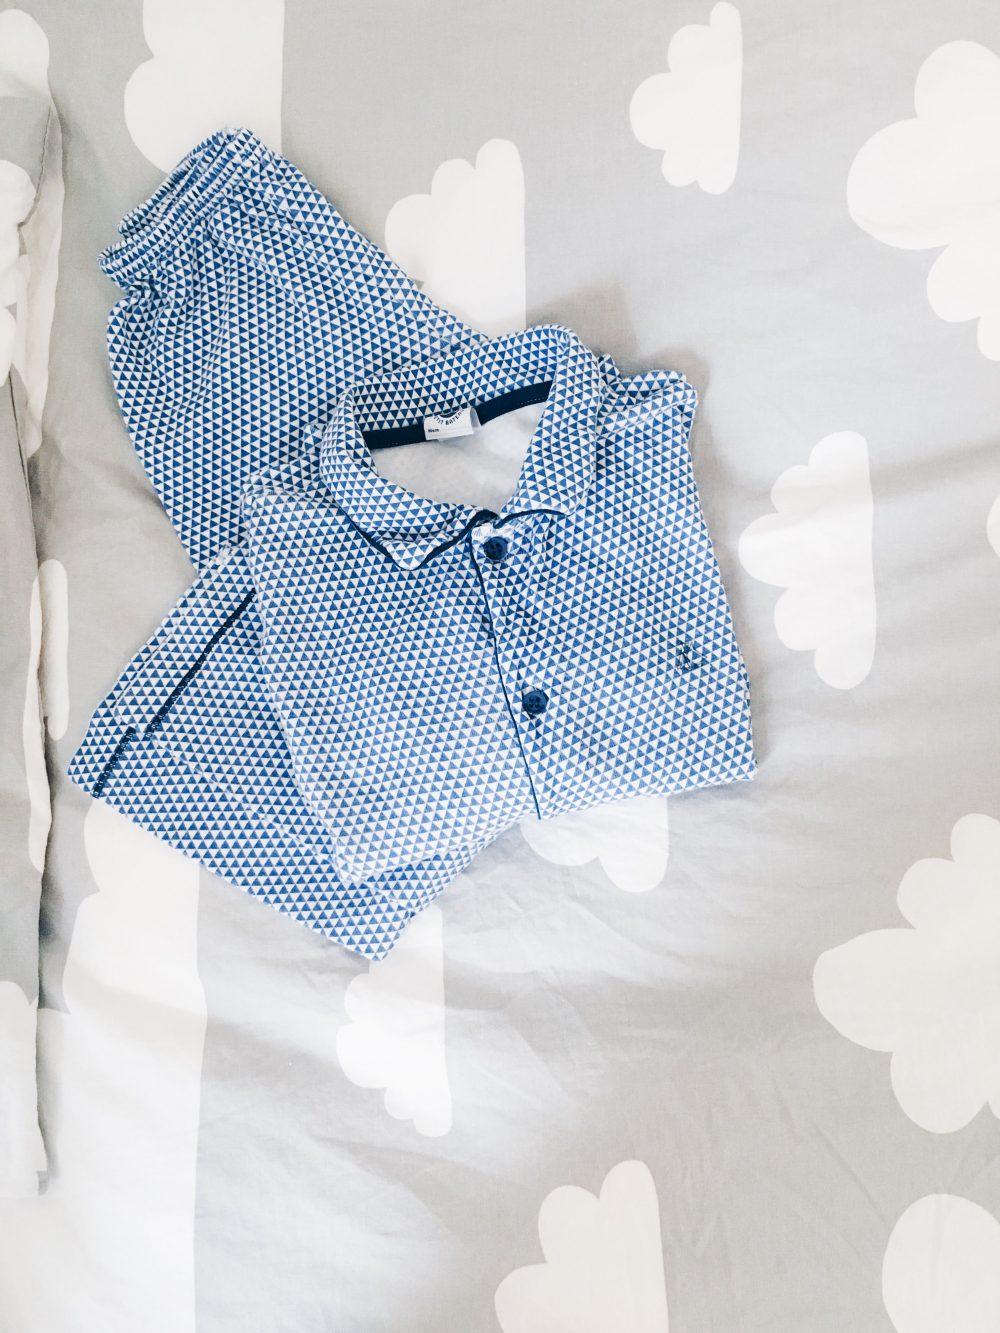 fourhangauf-kinderzimmereinrichtung-schlafanzug